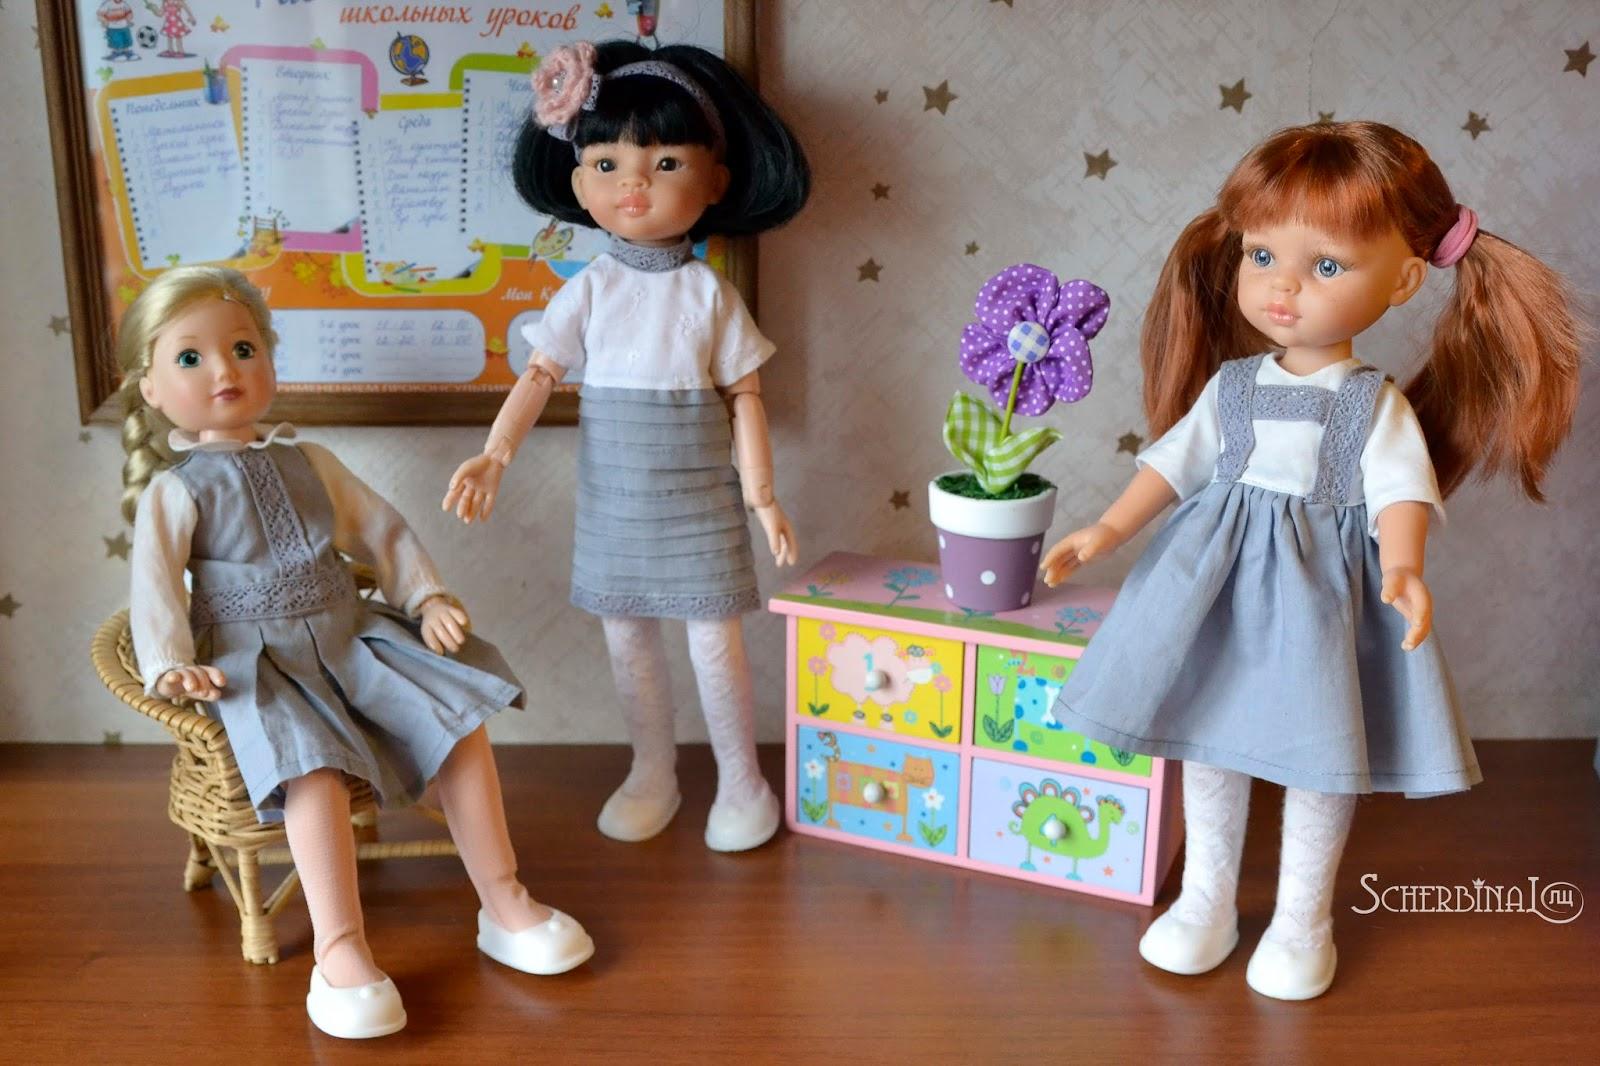 Игровые шарнирные куклы для девочек: Джолина Zapf Creation, Лиу и Кристи Paola Reina